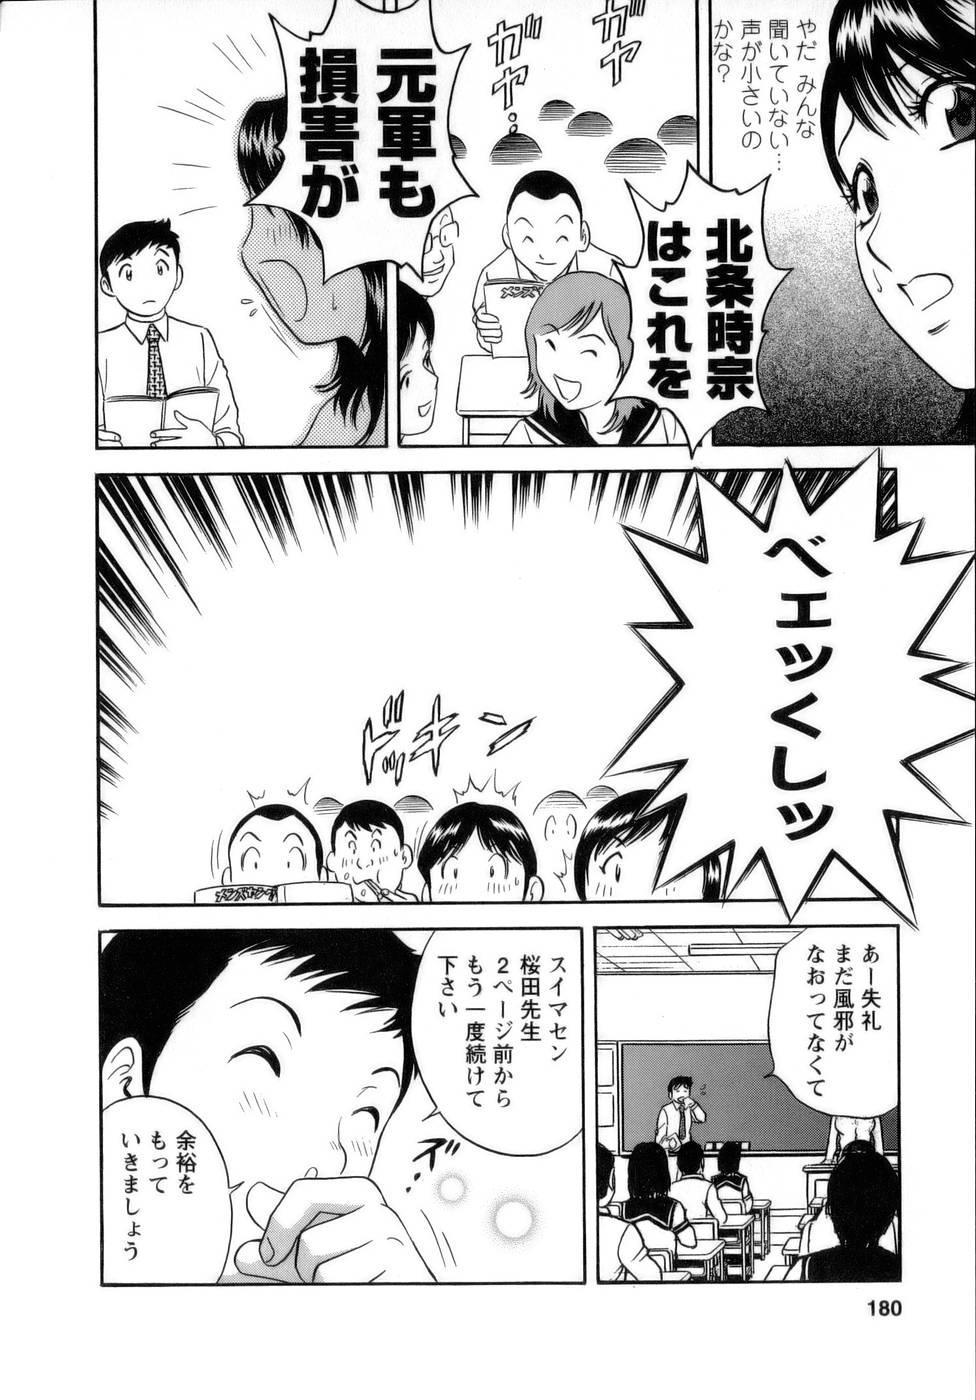 [Hidemaru] Mo-Retsu! Boin Sensei (Boing Boing Teacher) Vol.1 179